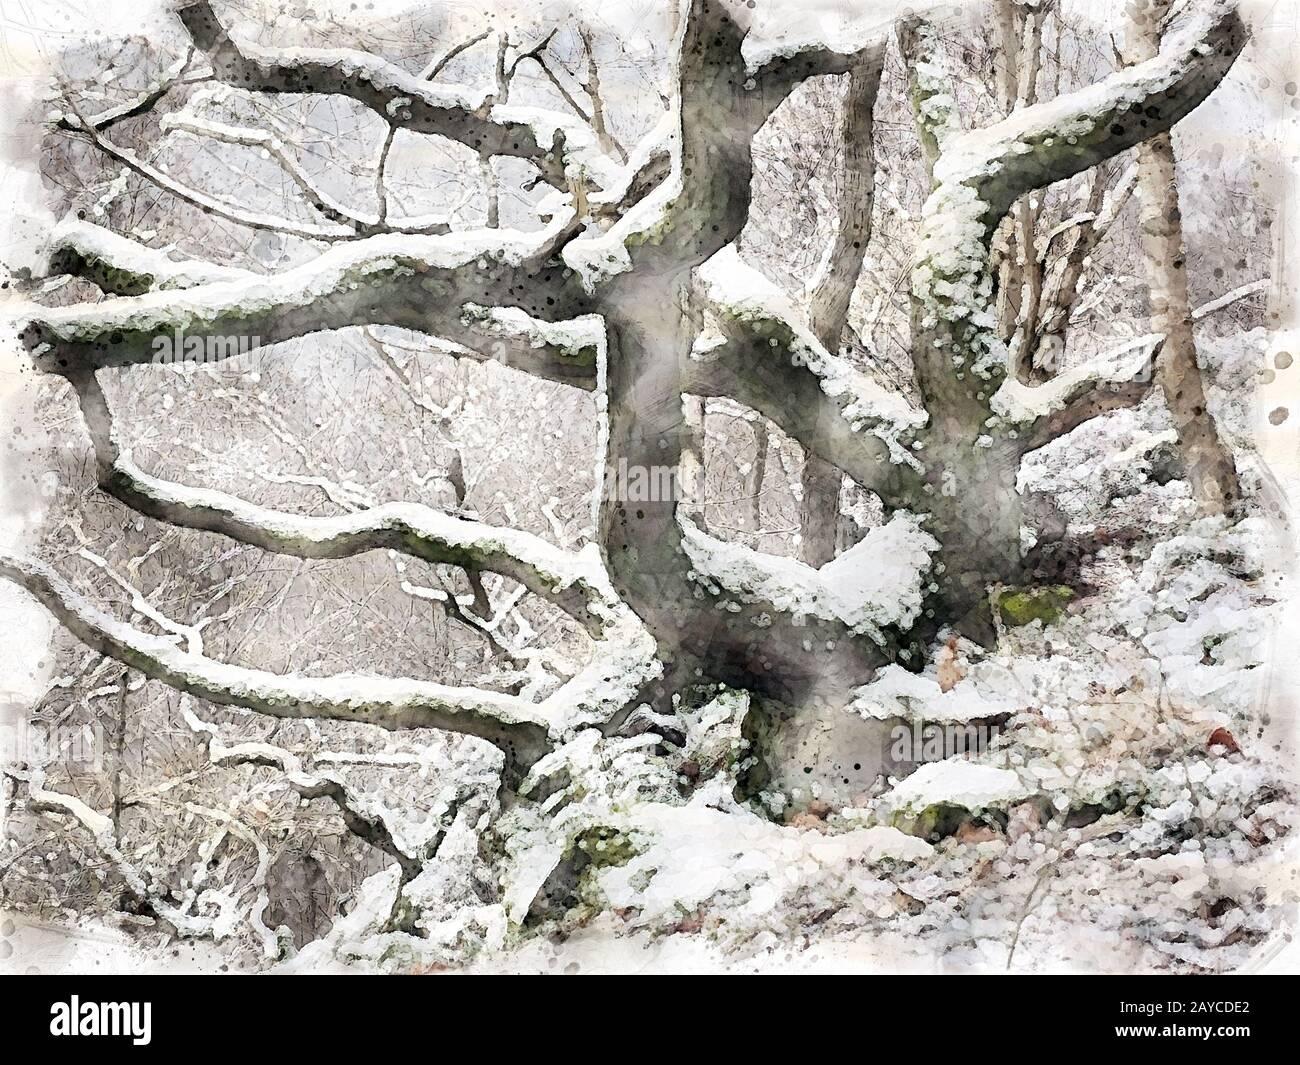 acuarela de nieve que cubre retorcidos árboles de invierno y ramas en un bosque de ladera Foto de stock